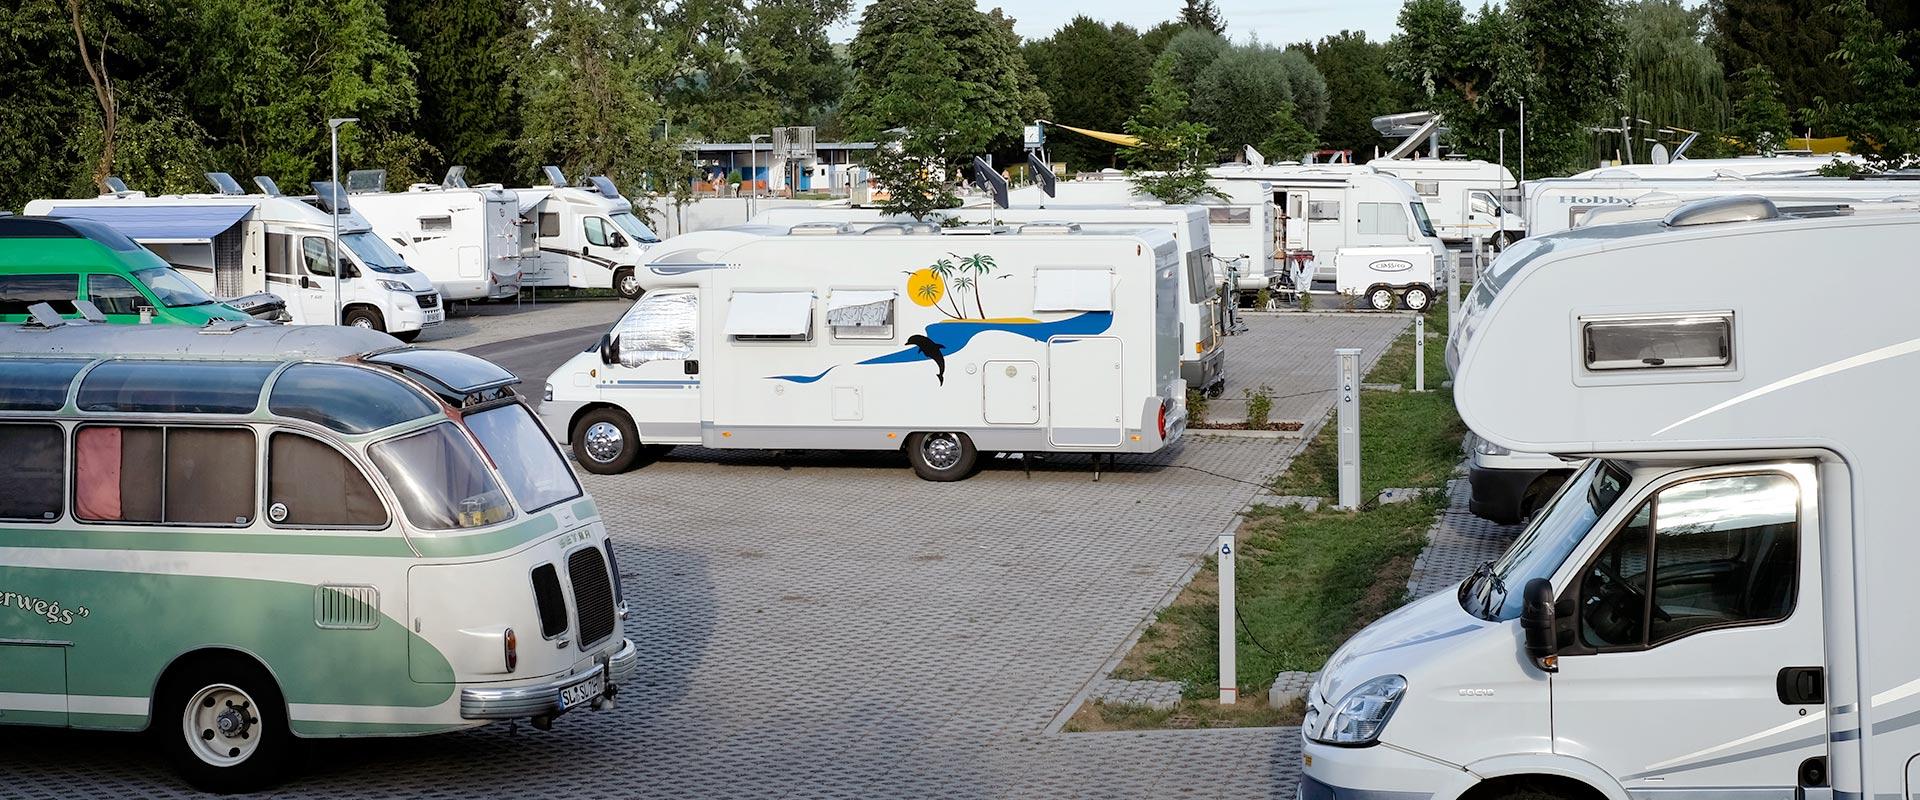 Wohnmobilstellplatz Sinsheim